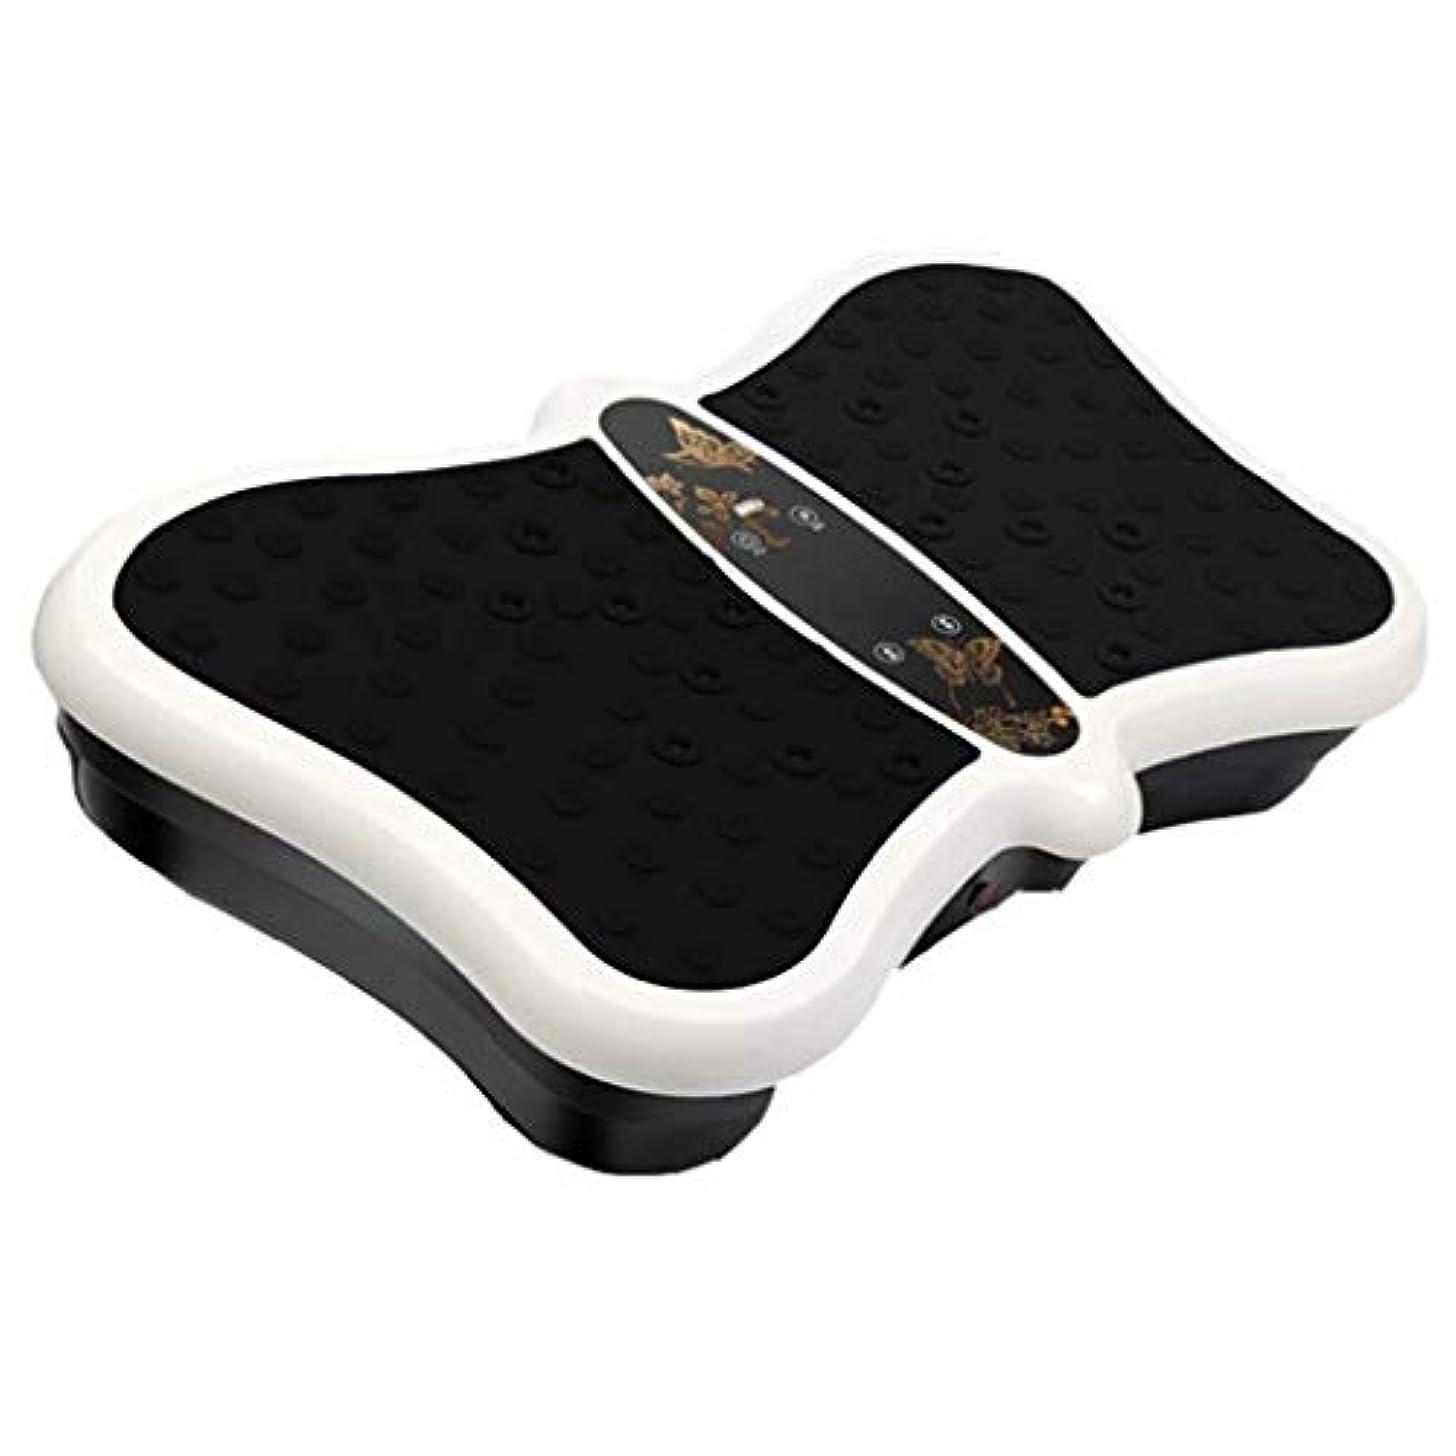 メジャー文字通り連続的減量マシン、ジム/ホームフィットネスフルボディ振動トレーナー、99スピード、ジムホームオフィス振動で余分な脂肪を減らす (Color : 黒)